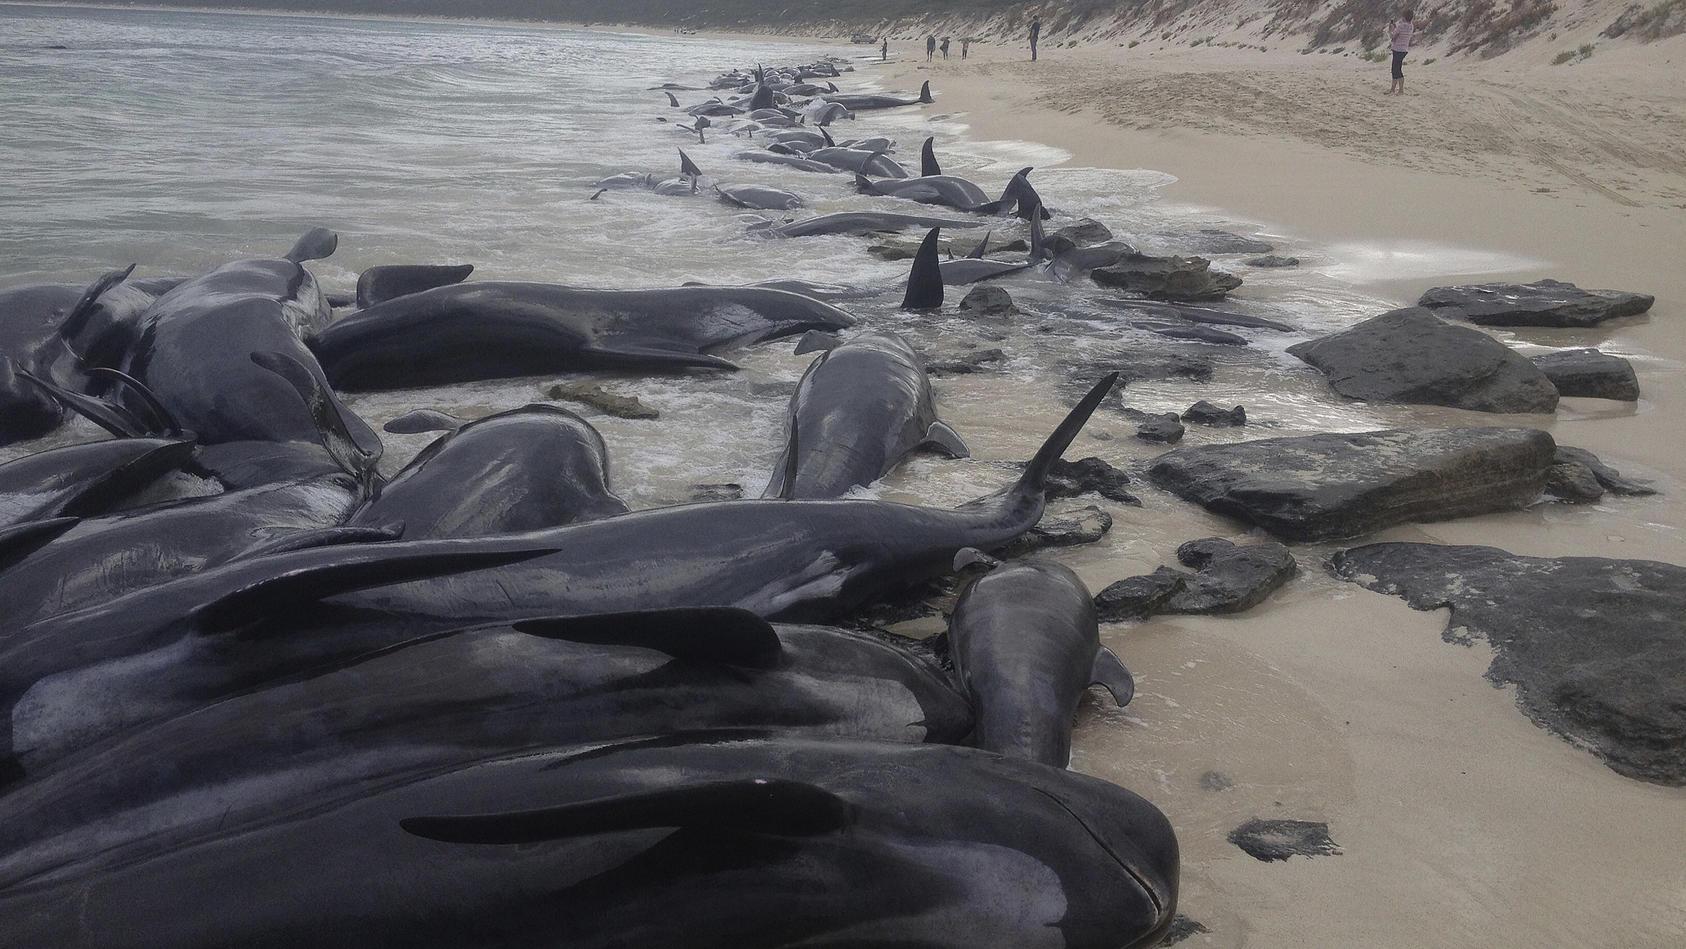 Wale an Australiens Westküste gestrandet